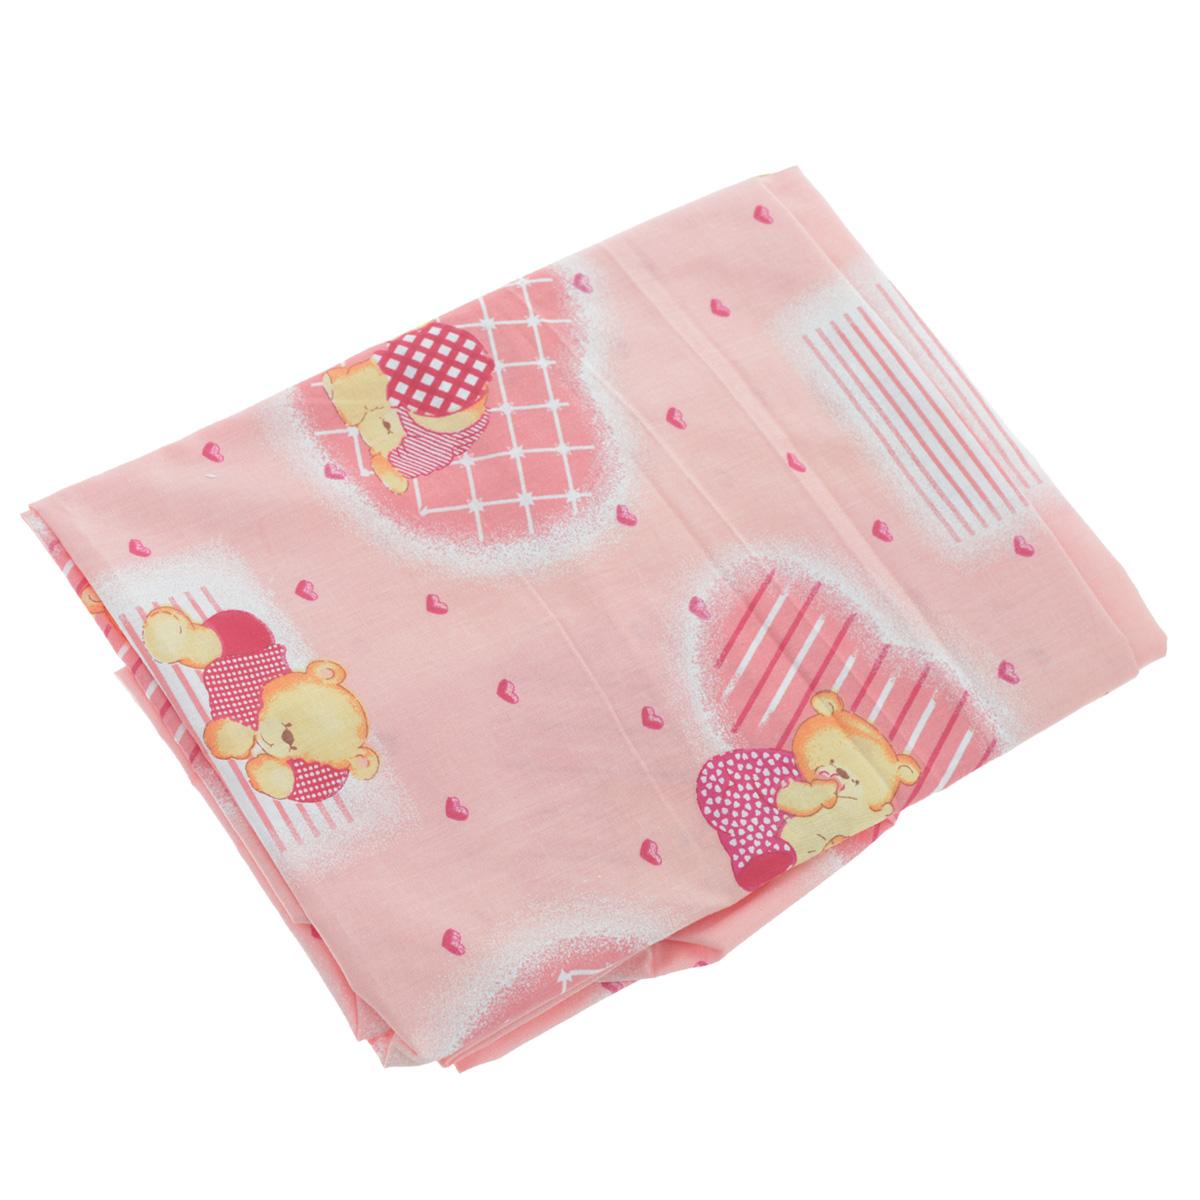 Простыня на резинке Фея Мишки, цвет: розовый, 60 см х 120 смПРТ18 розовыйМягкая простыня на резинке Фея Мишки идеально подойдет для кроватки вашего малыша и обеспечит ему здоровый сон. Она изготовлена из натурального 100% хлопка, дарящего малышу непревзойденную мягкость. Простыня с помощью специальной резинки растягивается на матрасе. Она не сомнется и не скомкается, как бы не вертелся ребенок. Подарите вашему малышу комфорт и удобство!